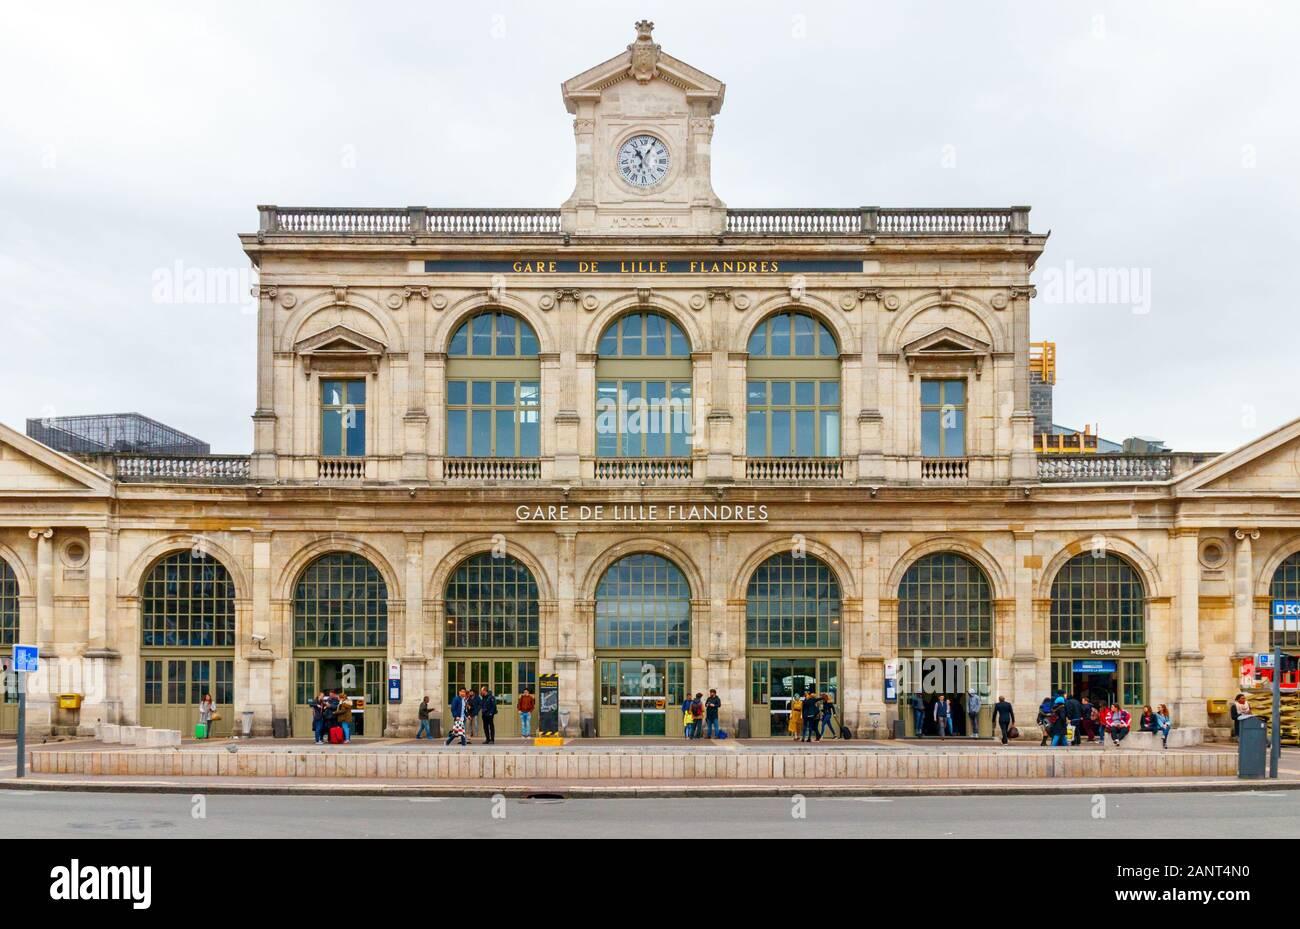 Vista frontal de la estación de tren Lille Flanders (Gare de Lille Flandres) bajo un cielo nublado. Francia. Foto de stock